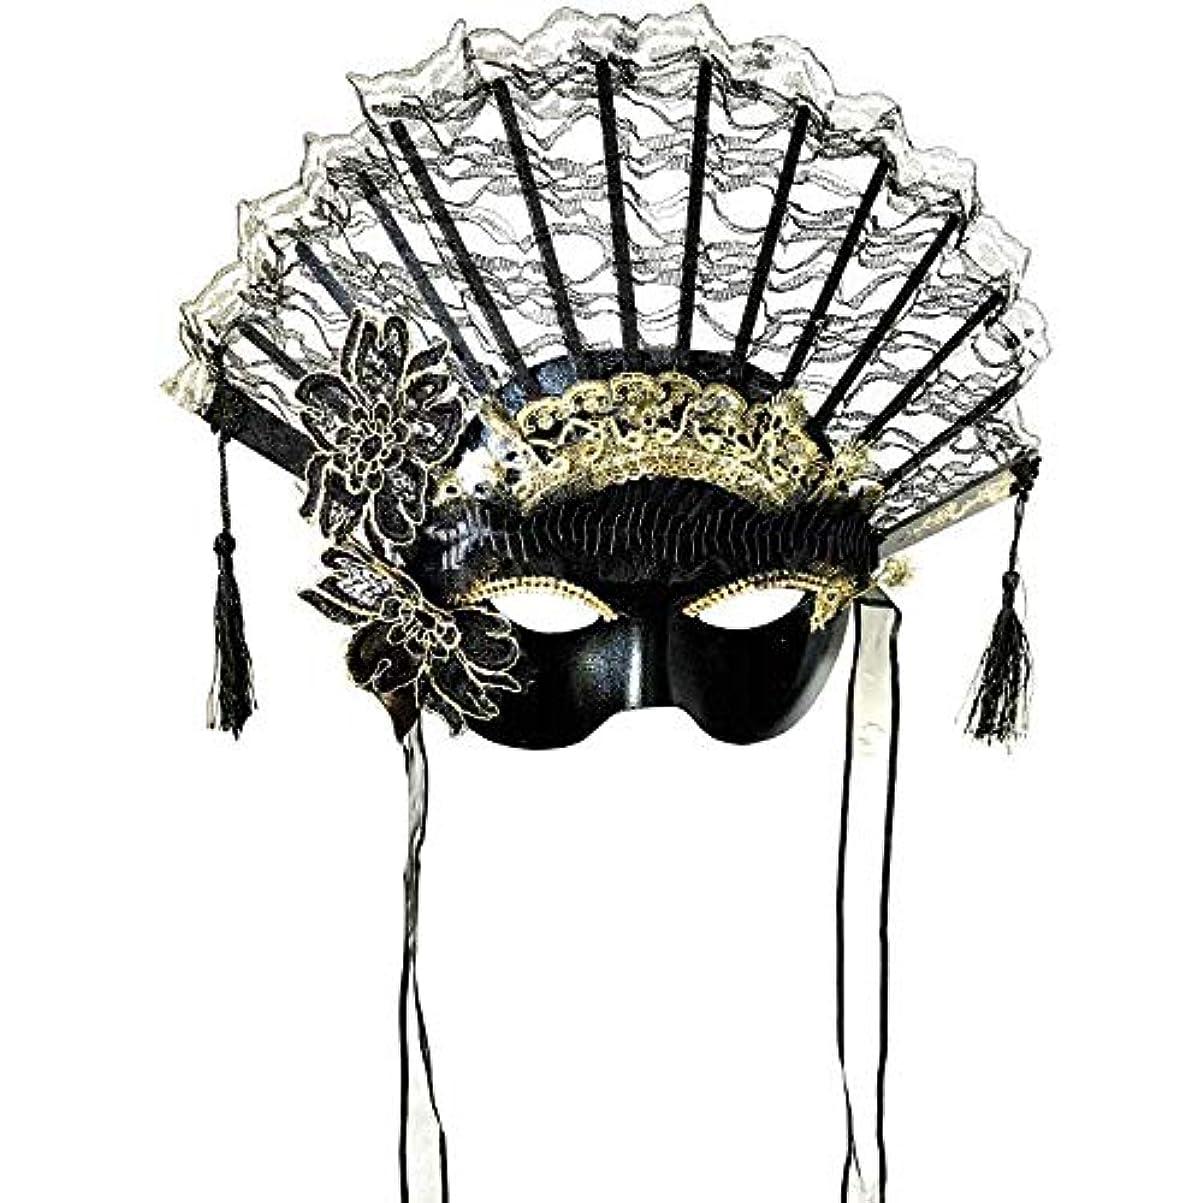 Nanle ハロウィンクリスマスレースファンシェイプフラワーフリンジビーズマスク仮装マスクレディミスプリンセス美容祭パーティーデコレーションマスク (色 : Black B)